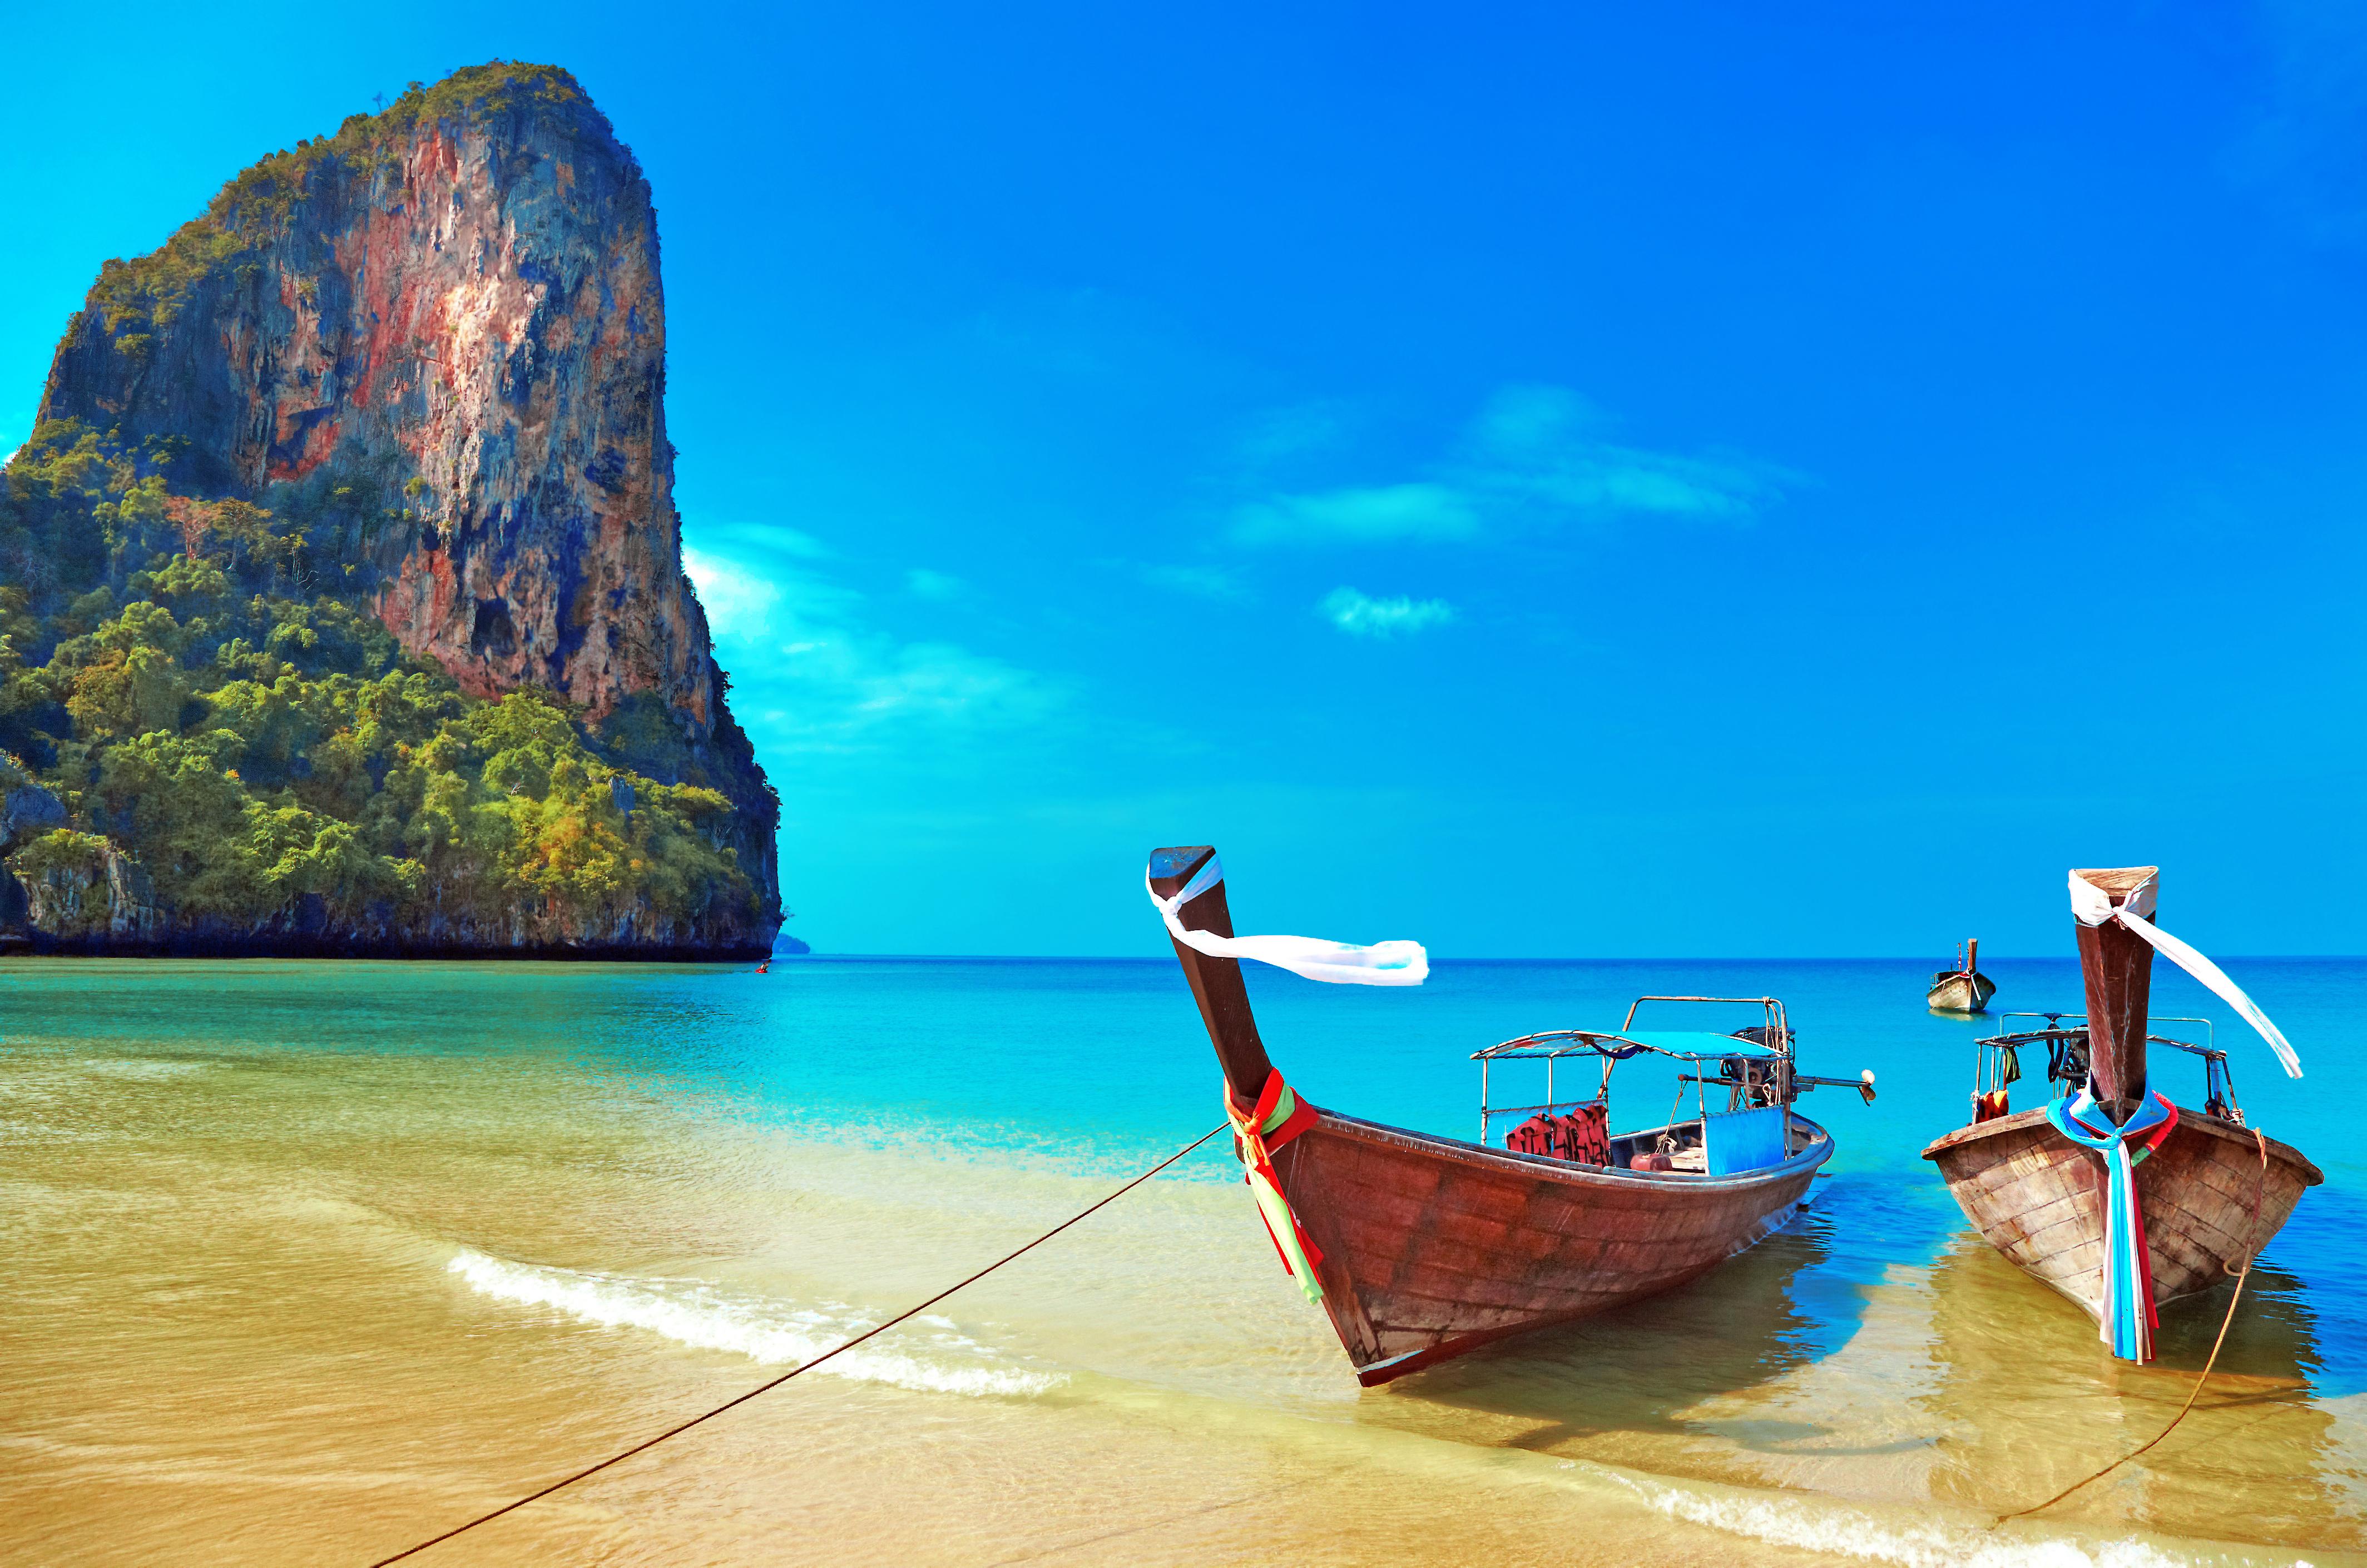 характеризуется морской туризм картинки какой-то момент популярная